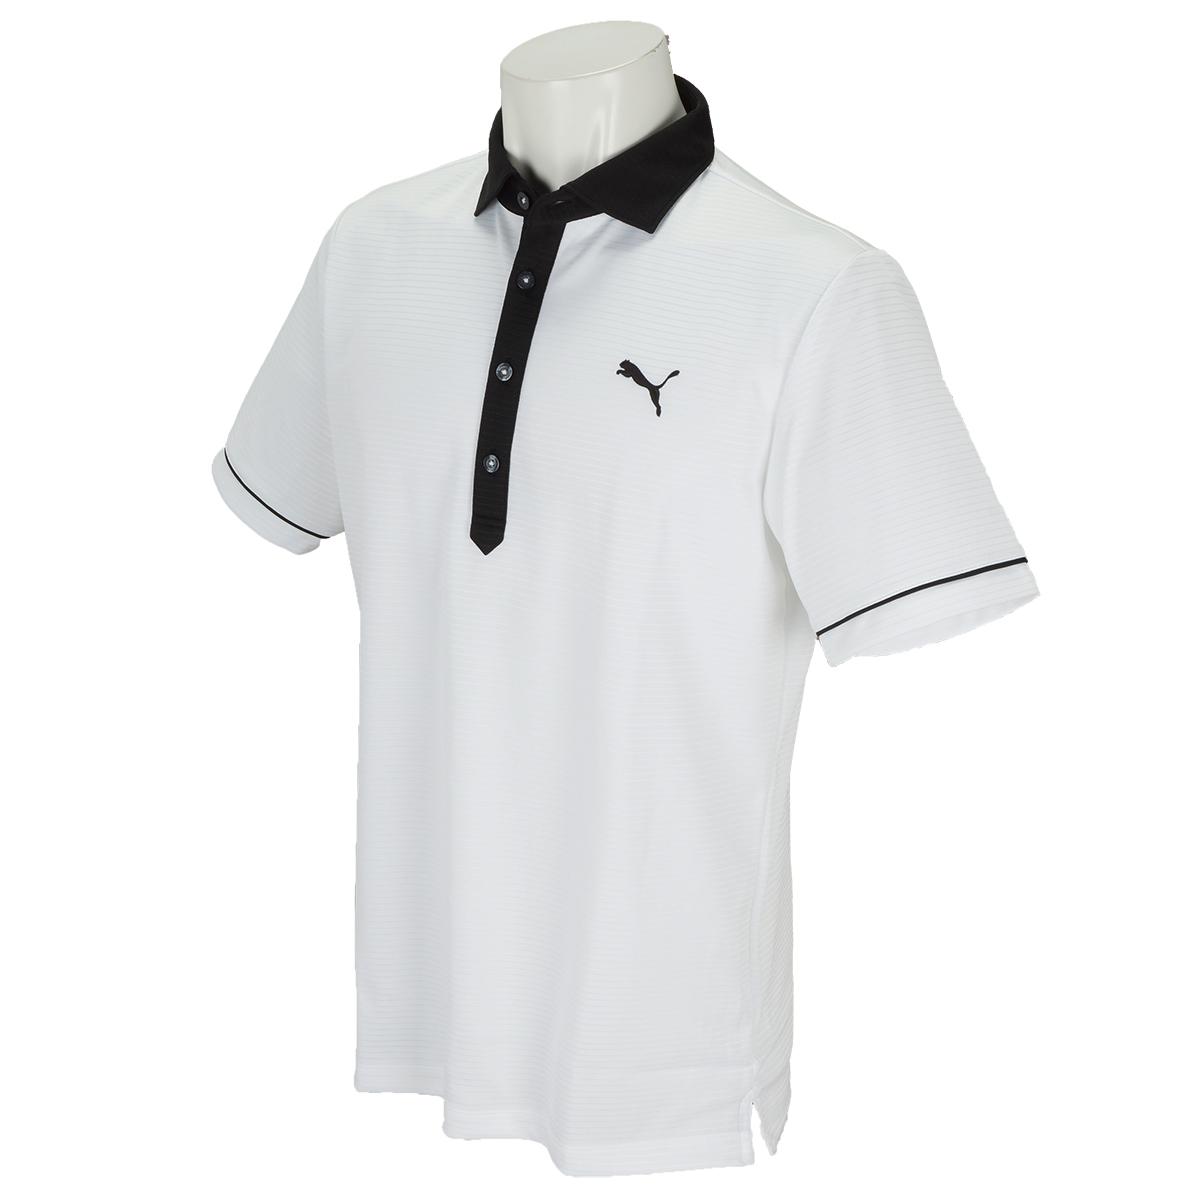 クレリックカラー 半袖ポロシャツ